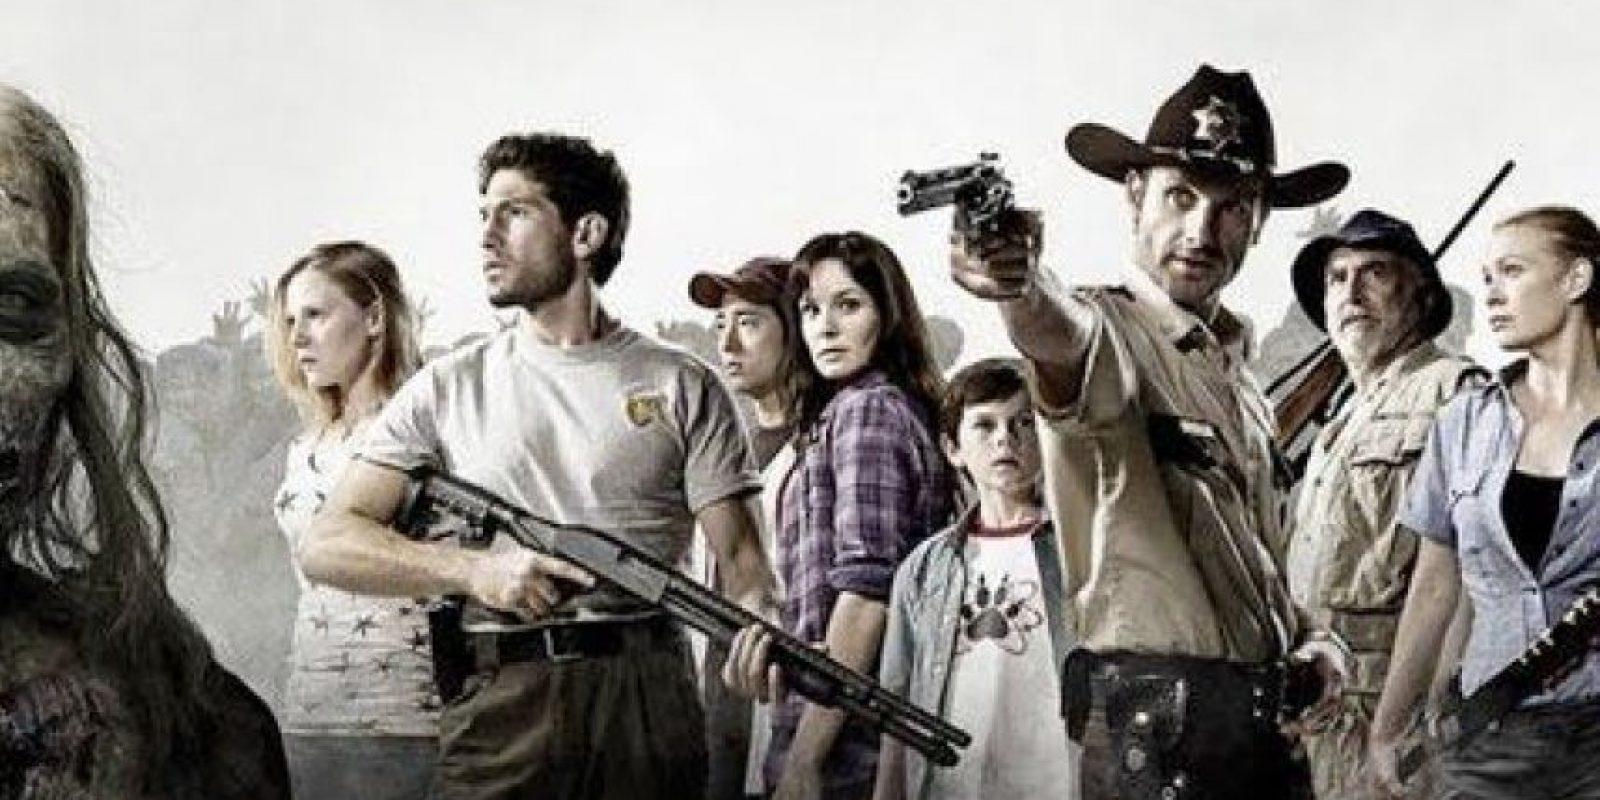 La temporada anterior dejó muchas preguntas Foto:Facebook The Walking Dead